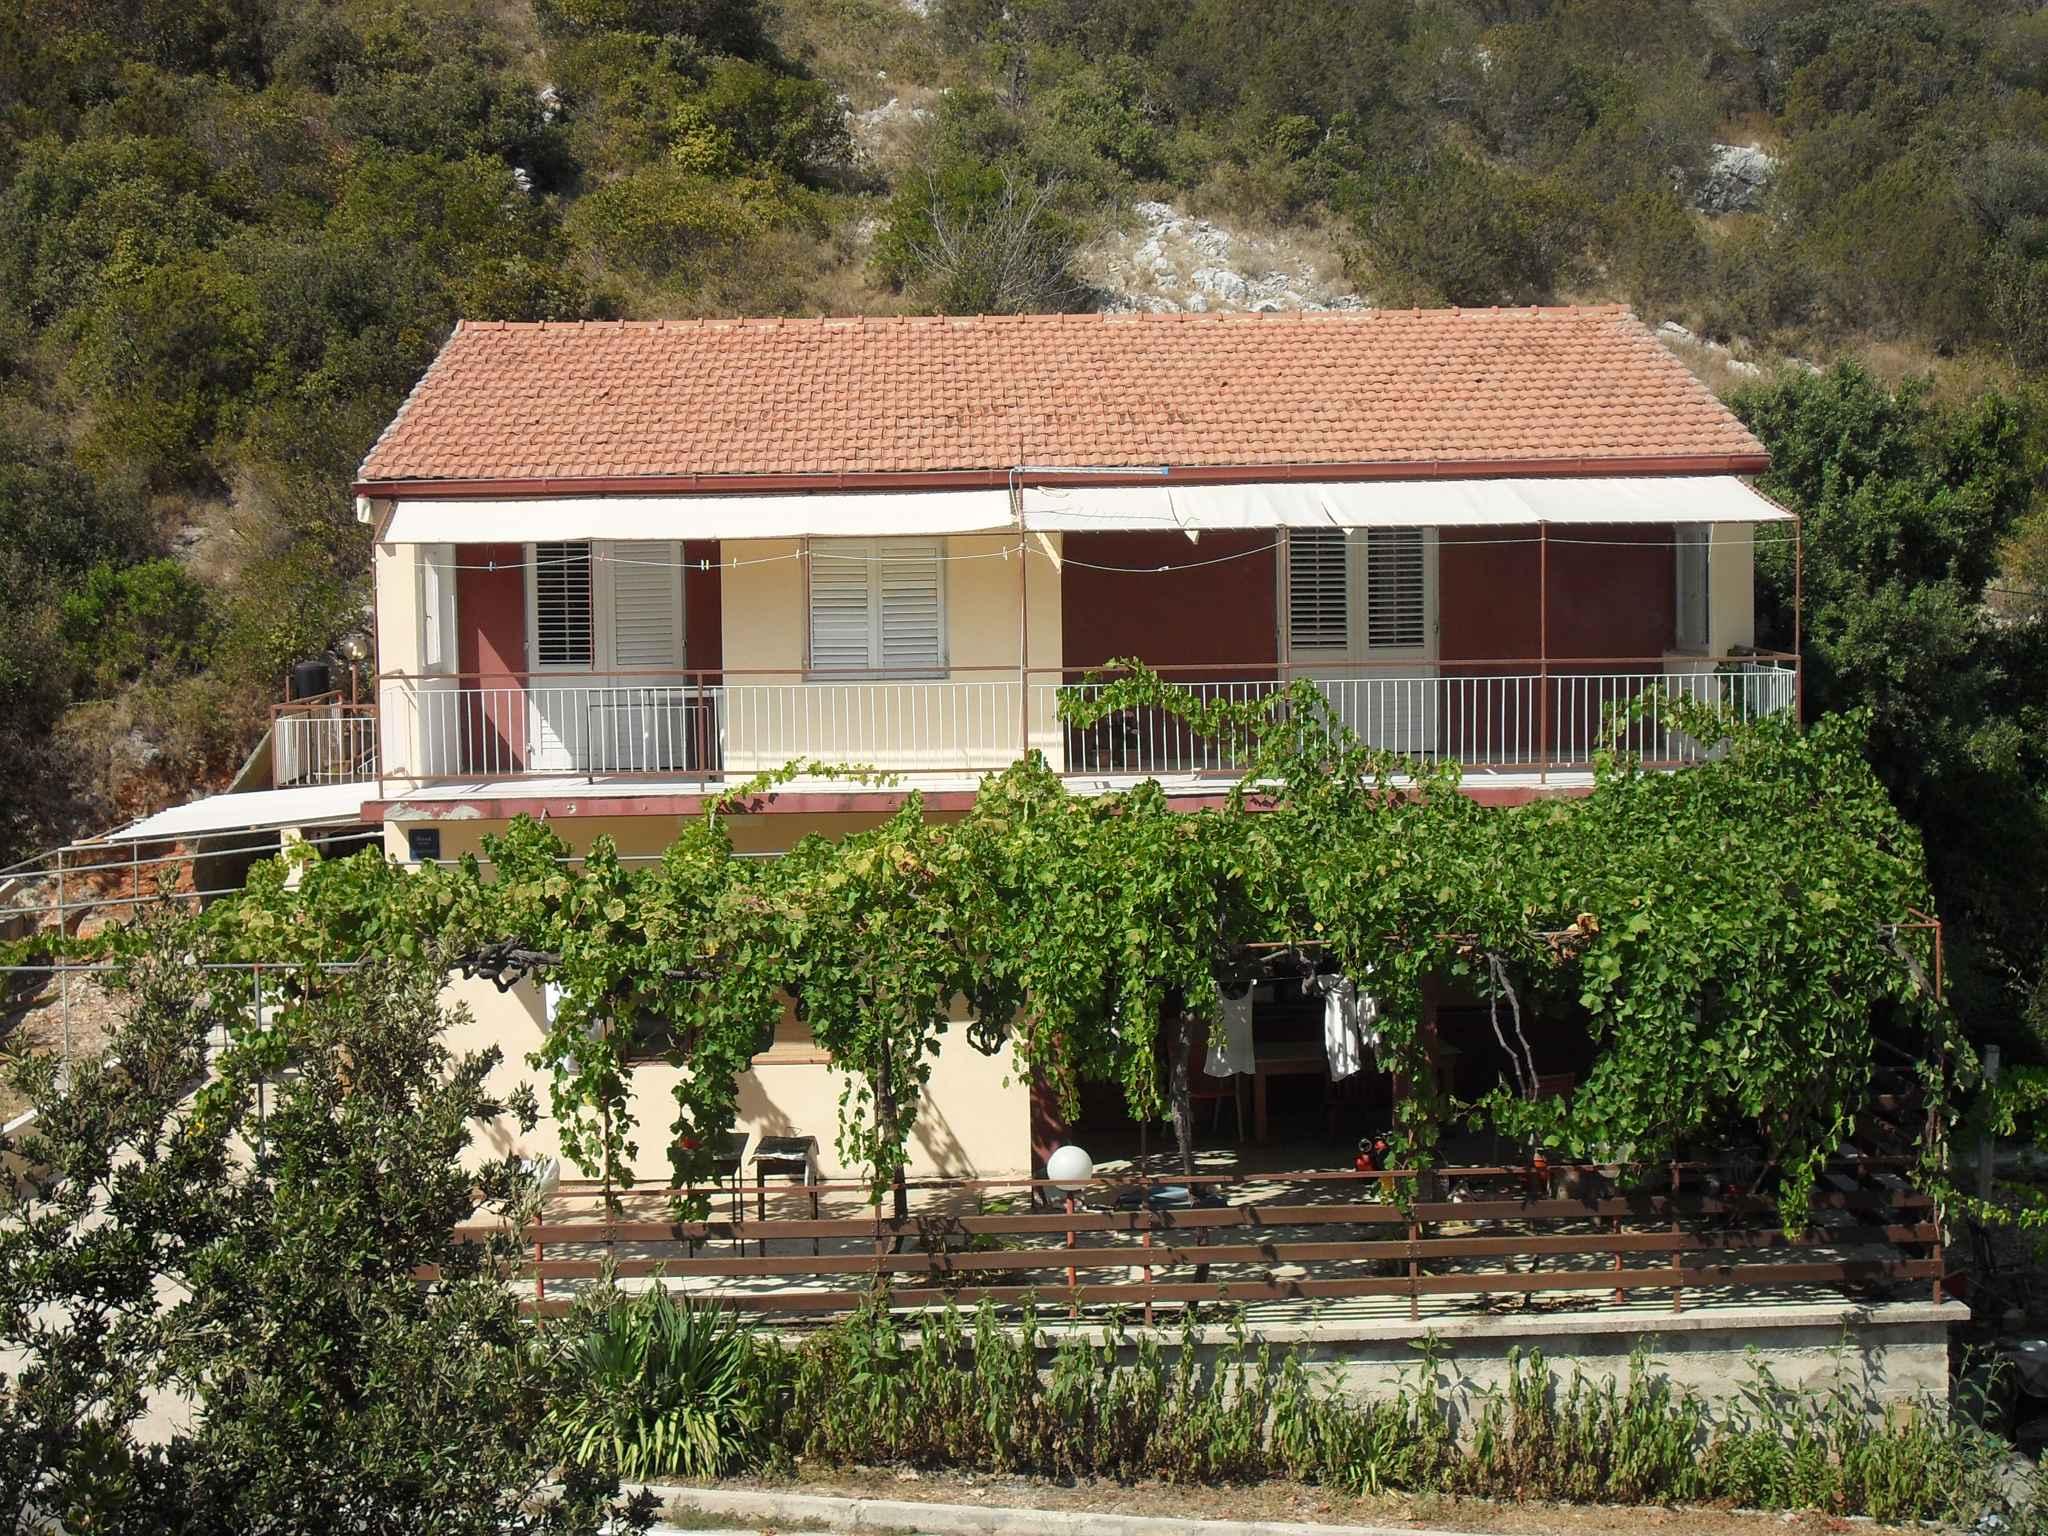 Ferienwohnung mit Meerblick und Terrasse Ferienhaus in Kroatien